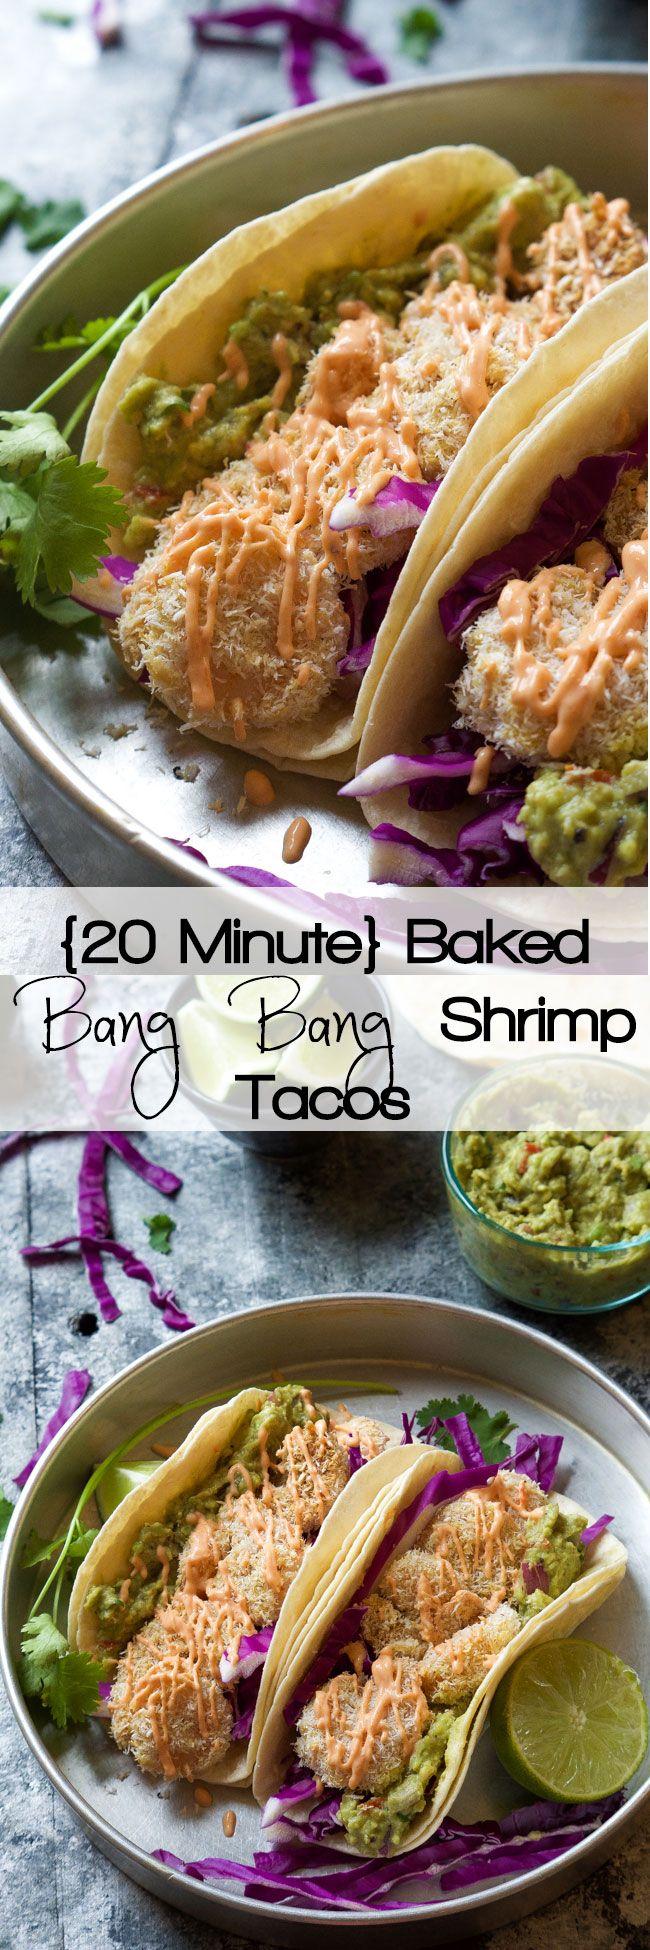 {20 Minute} Skinny Baked Bang Bang Shrimp Tacos